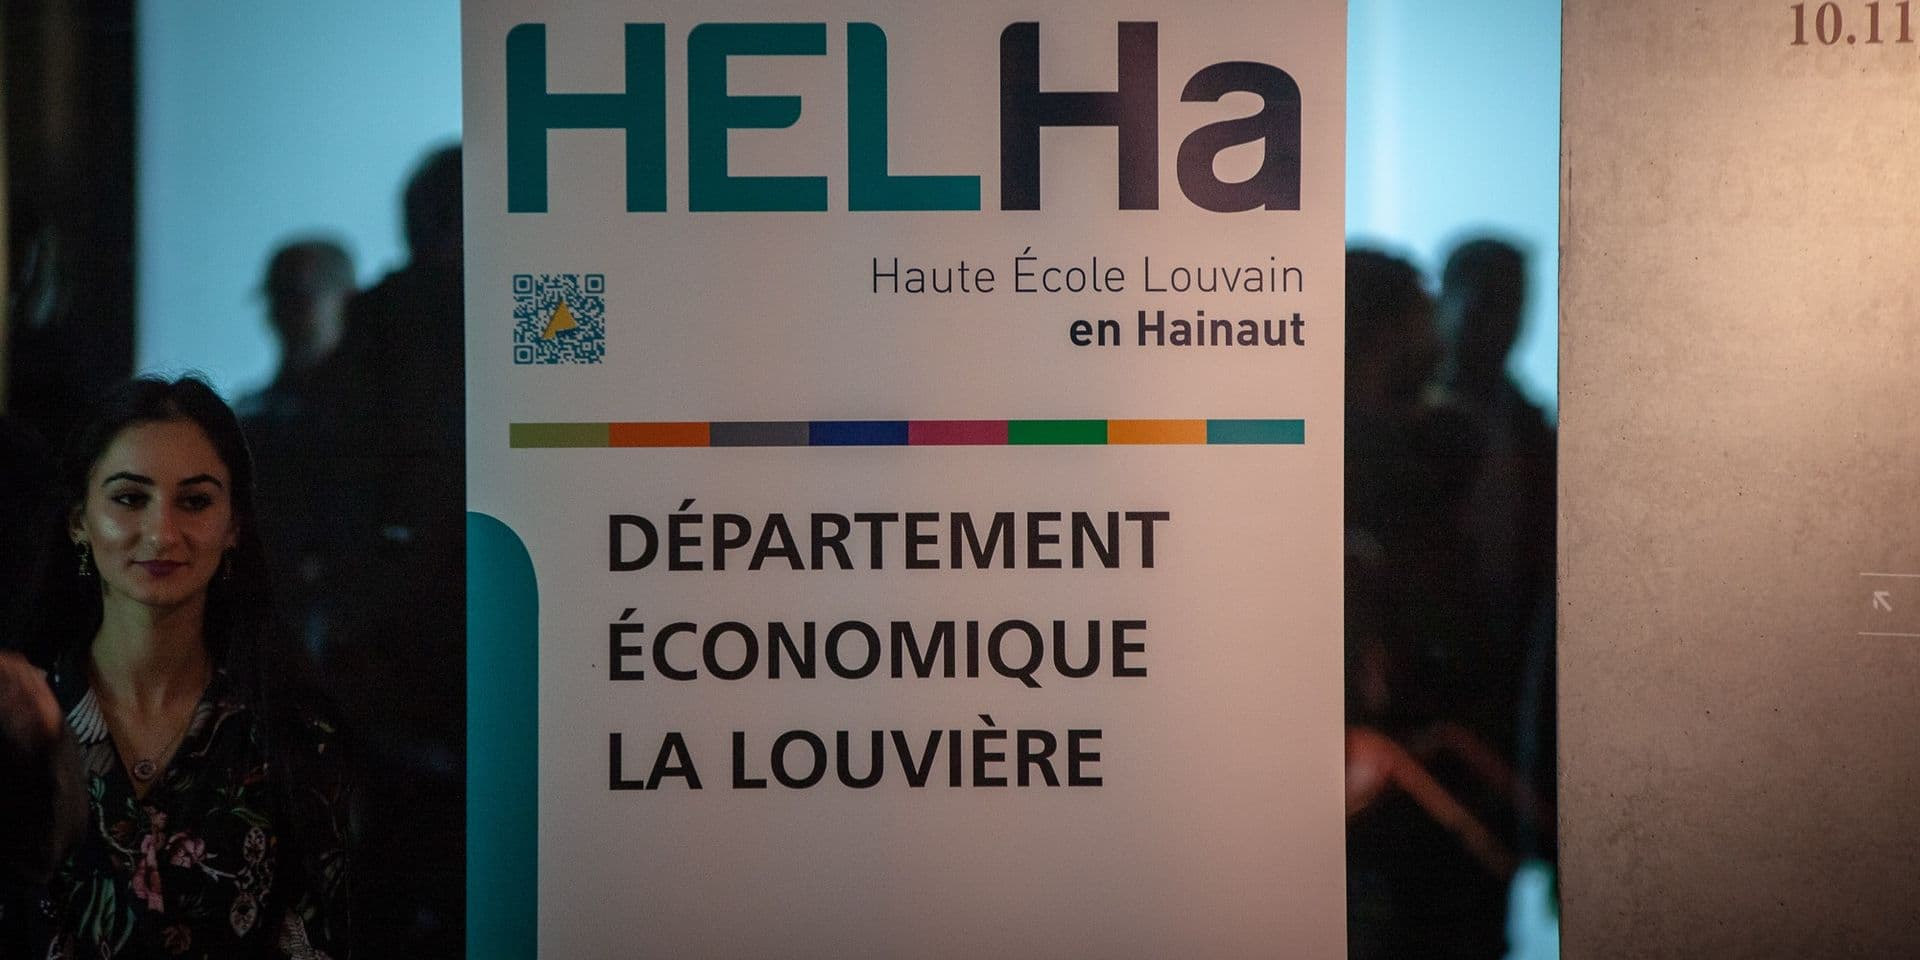 """La Ville de La Louvière se mobilise face au départ de la Helha : """"Nous nous opposons fermement à cette logique"""""""